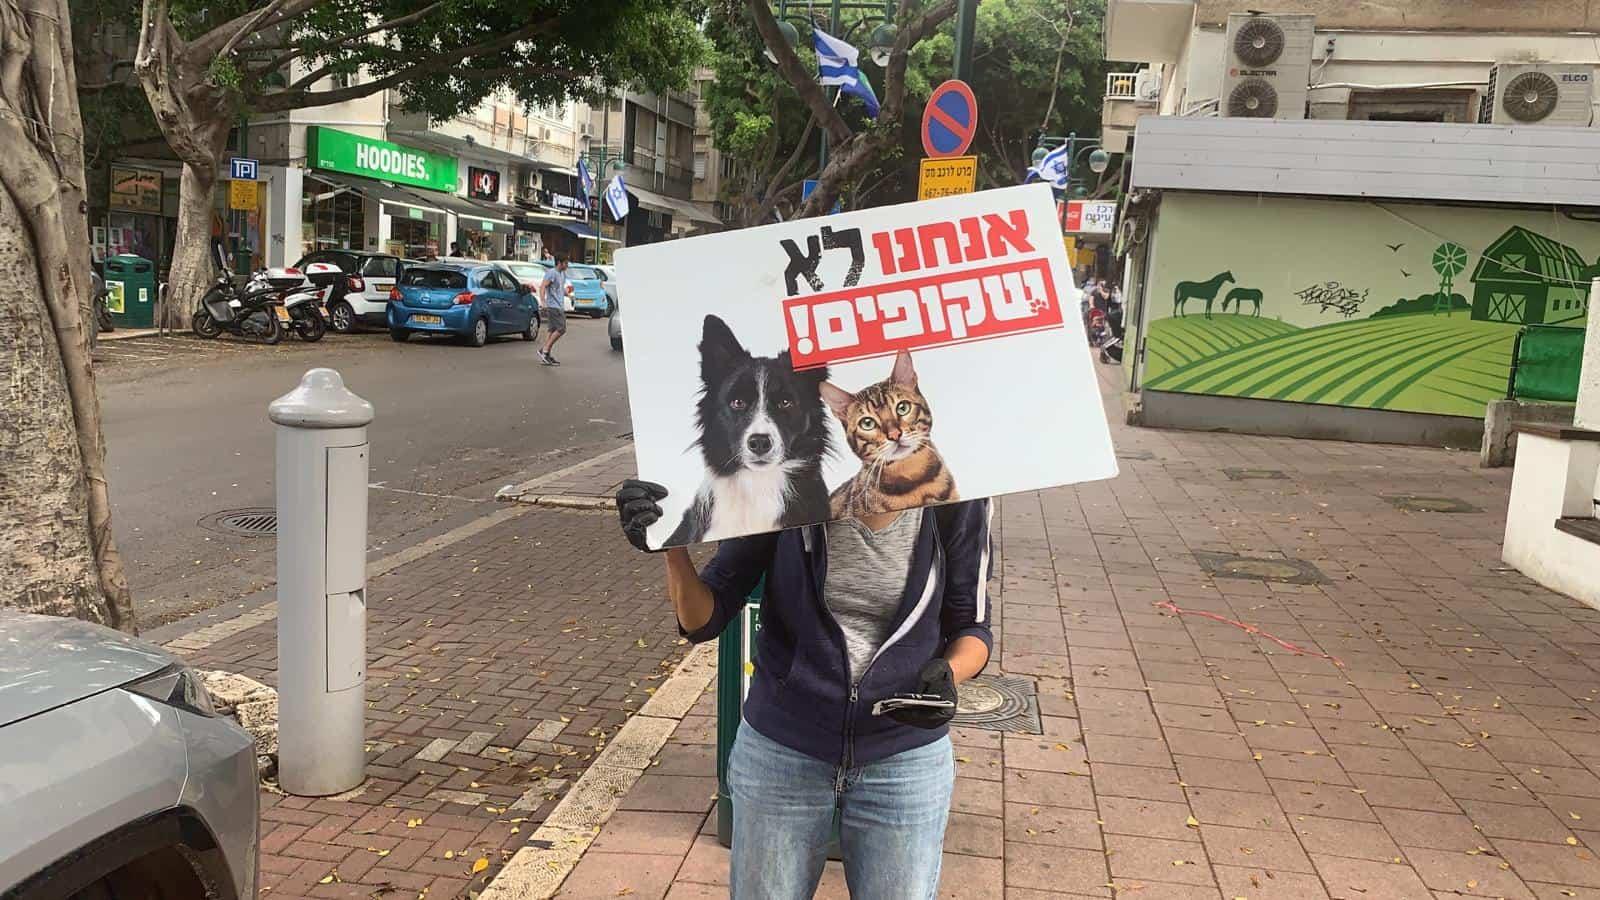 הפגנה נגד העירייה צילום רג ניוז